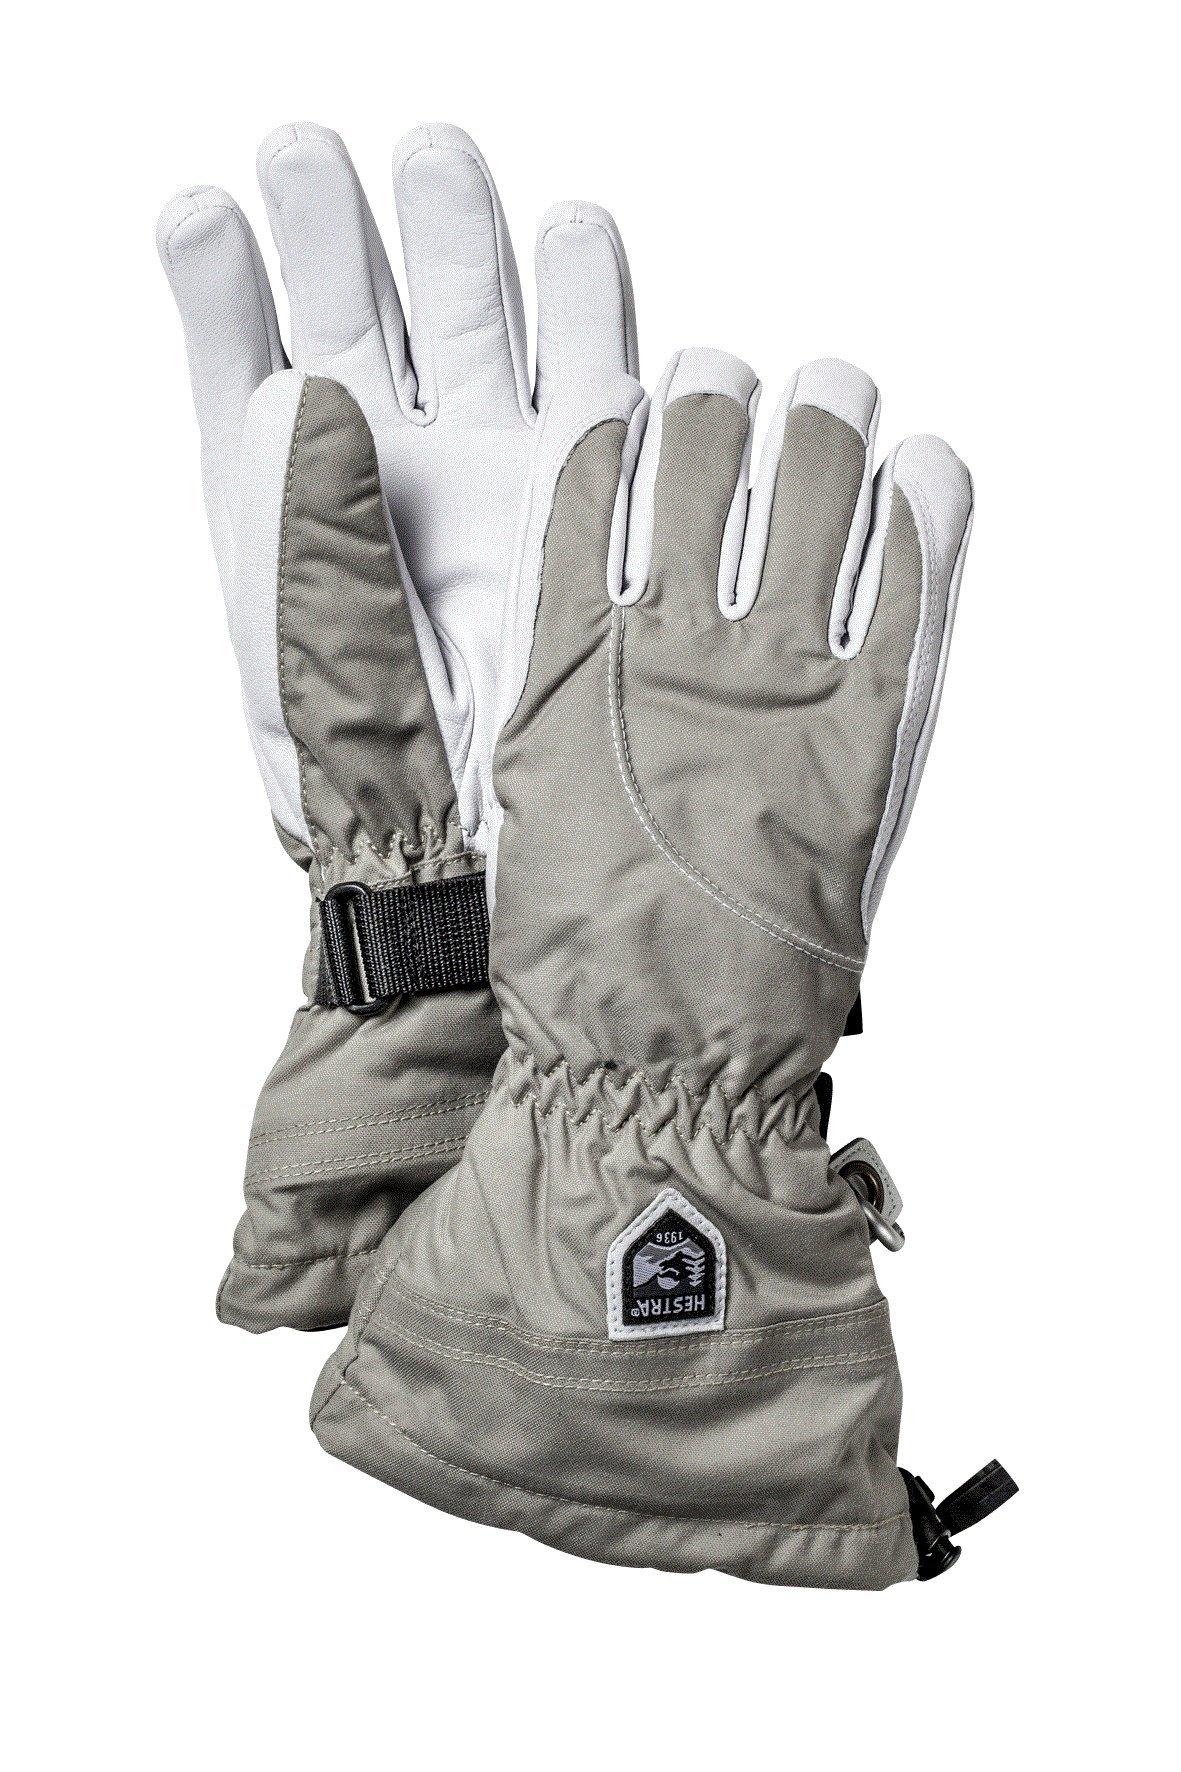 Hestra Women's Heli Gloves, Beige, Size 7